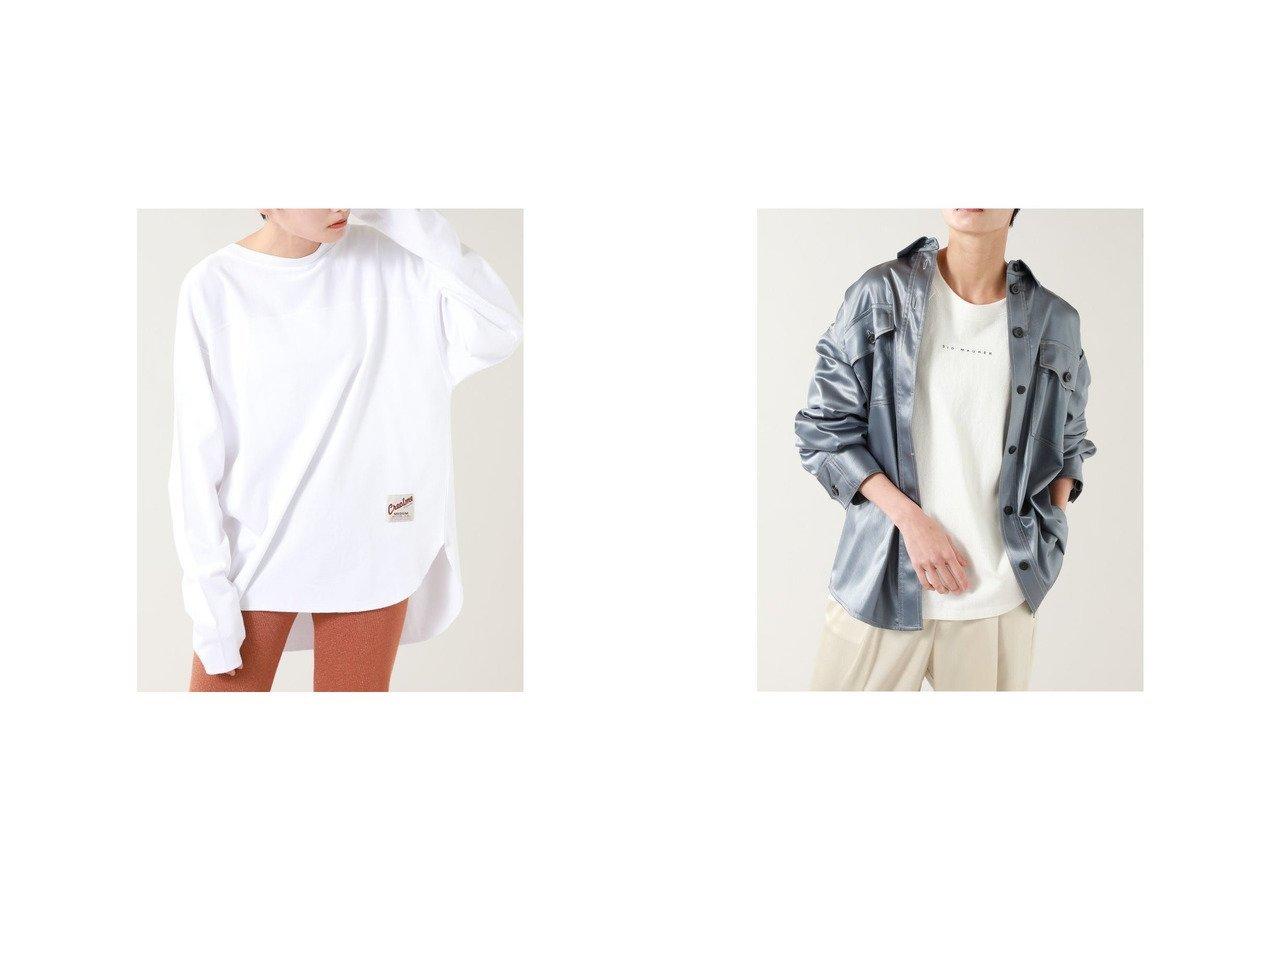 【ROSE BUD/ローズバッド】のバックギャザーデザインロンT&レザーライクサテンジャケット ROSE BUDのおすすめ!人気、トレンド・レディースファッションの通販 おすすめで人気の流行・トレンド、ファッションの通販商品 メンズファッション・キッズファッション・インテリア・家具・レディースファッション・服の通販 founy(ファニー) https://founy.com/ ファッション Fashion レディースファッション WOMEN トップス Tops Tshirt ロング / Tシャツ T-Shirts バッグ Bag アウター Coat Outerwear ジャケット Jackets ヴィンテージ 春 Spring ギャザー モチーフ 2021年 2021 S/S 春夏 SS Spring/Summer 2021 春夏 S/S SS Spring/Summer 2021 |ID:crp329100000018483